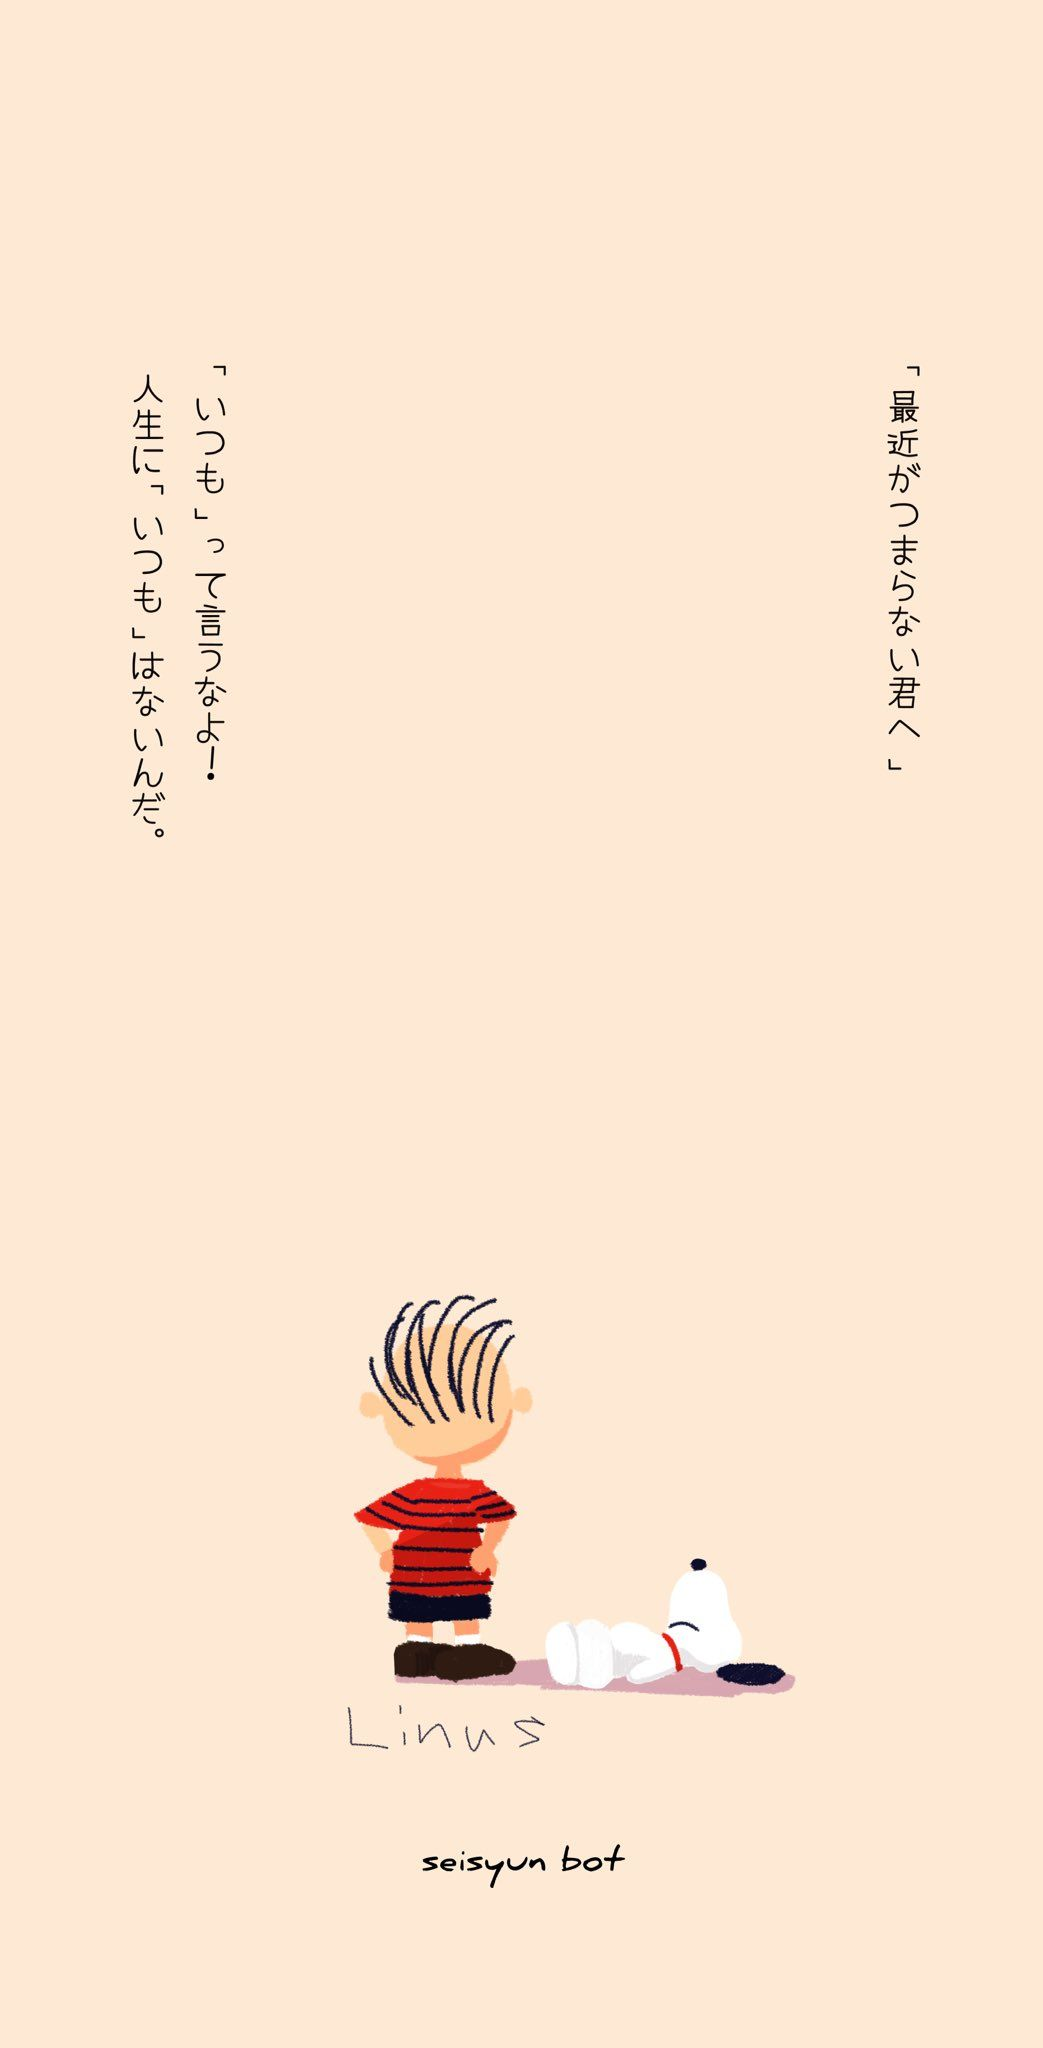 青春bot on twitter snoopy wallpaper cute cartoon wallpapers pretty wallpaper iphone